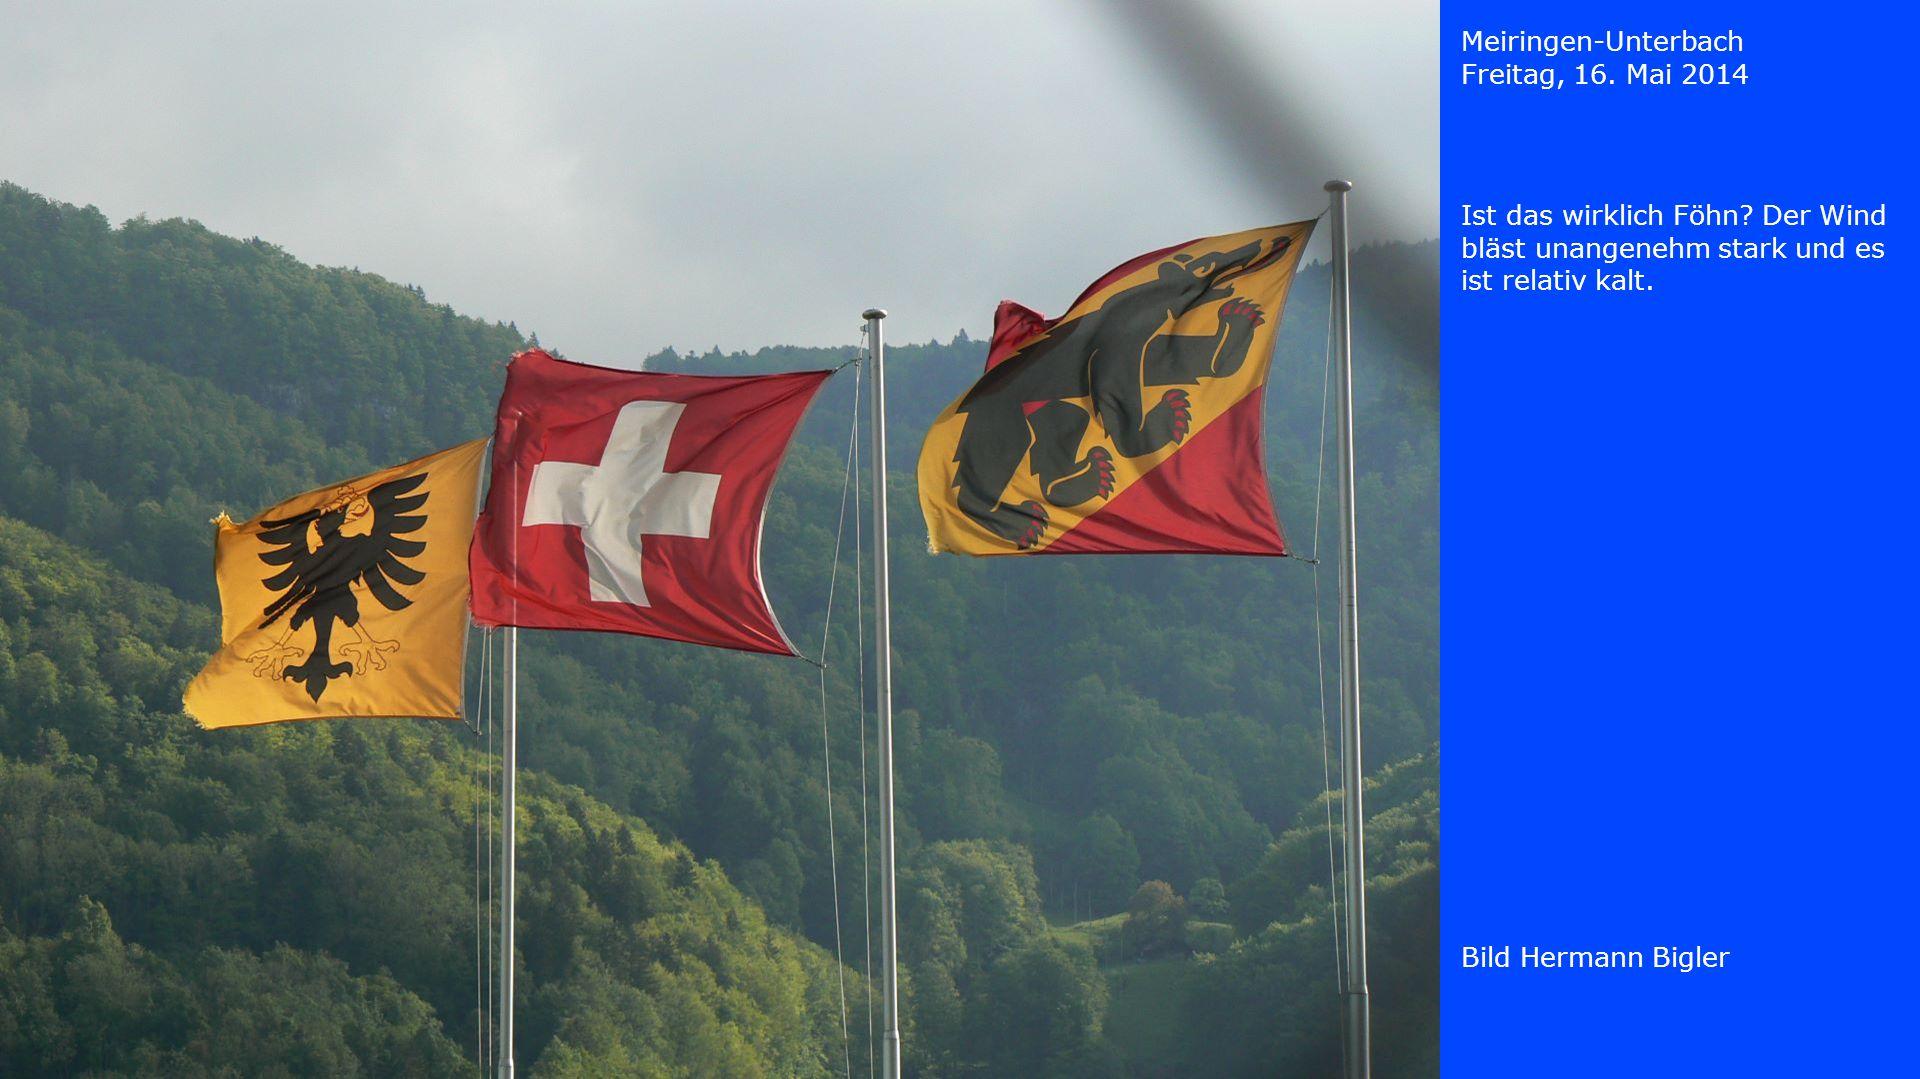 Meiringen-Unterbach Freitag, 16. Mai 2014. Ist das wirklich Föhn Der Wind bläst unangenehm stark und es ist relativ kalt.